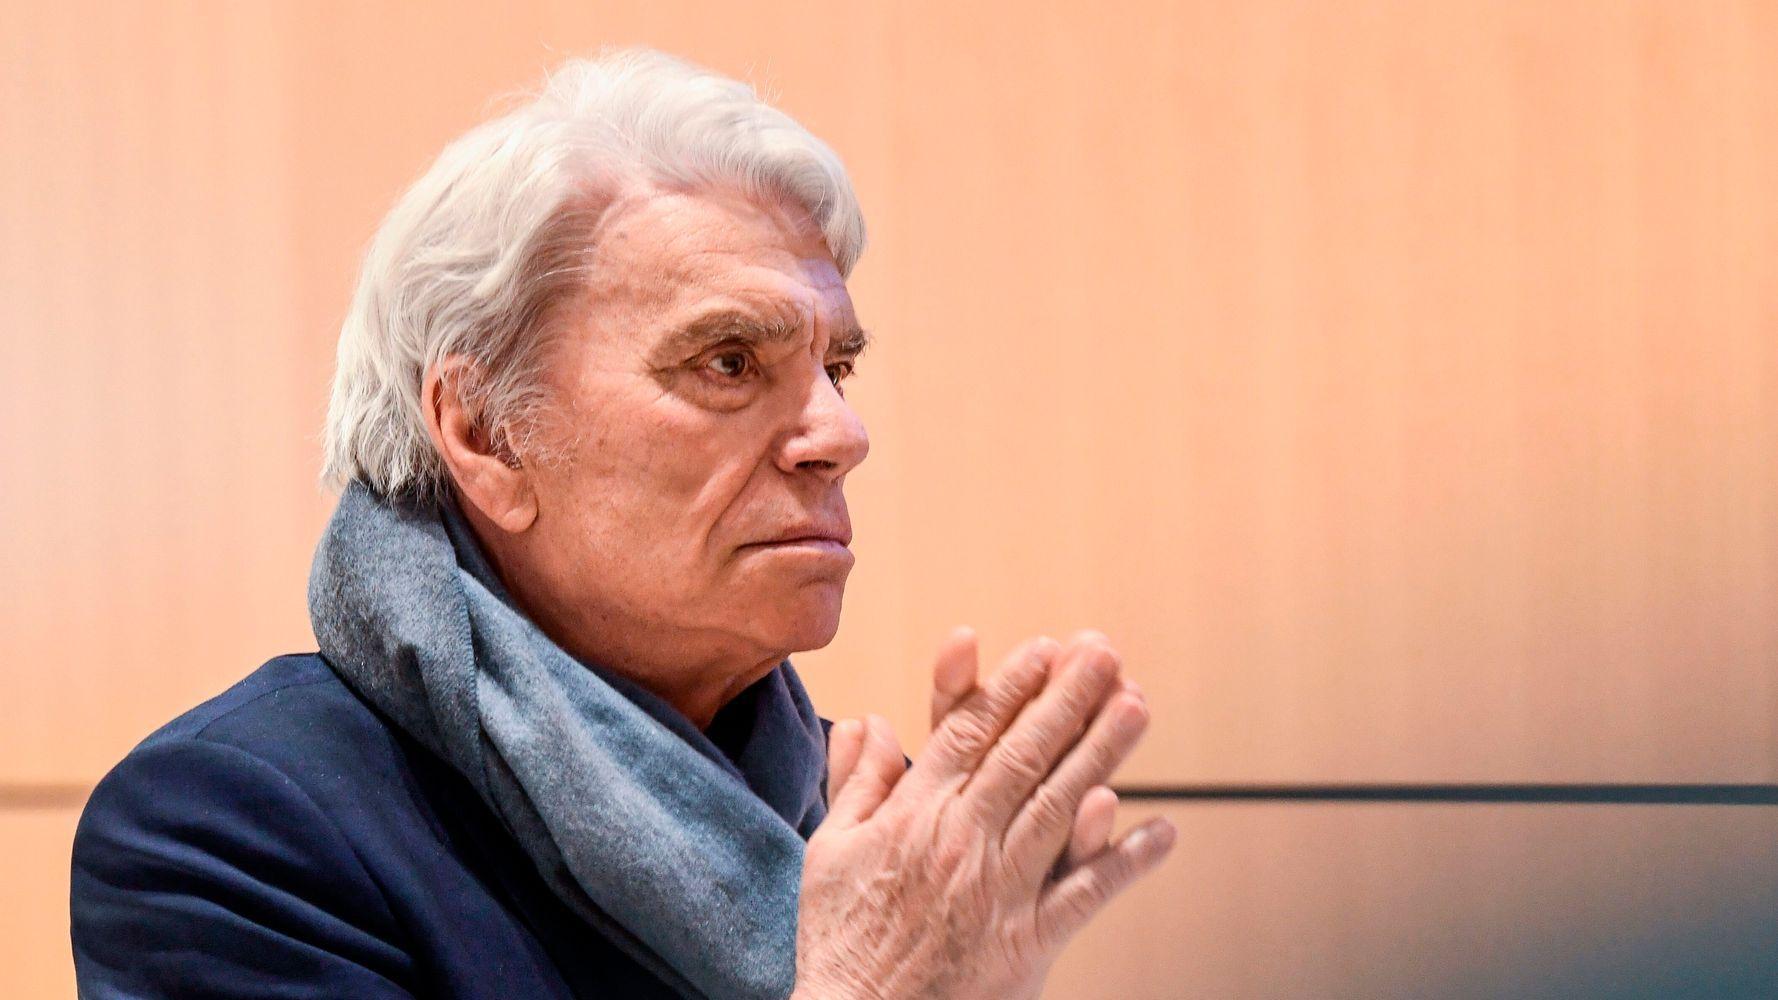 Bernard Tapie falleció a los 78 años tras una vida marcada por el éxito social y la corrupción.